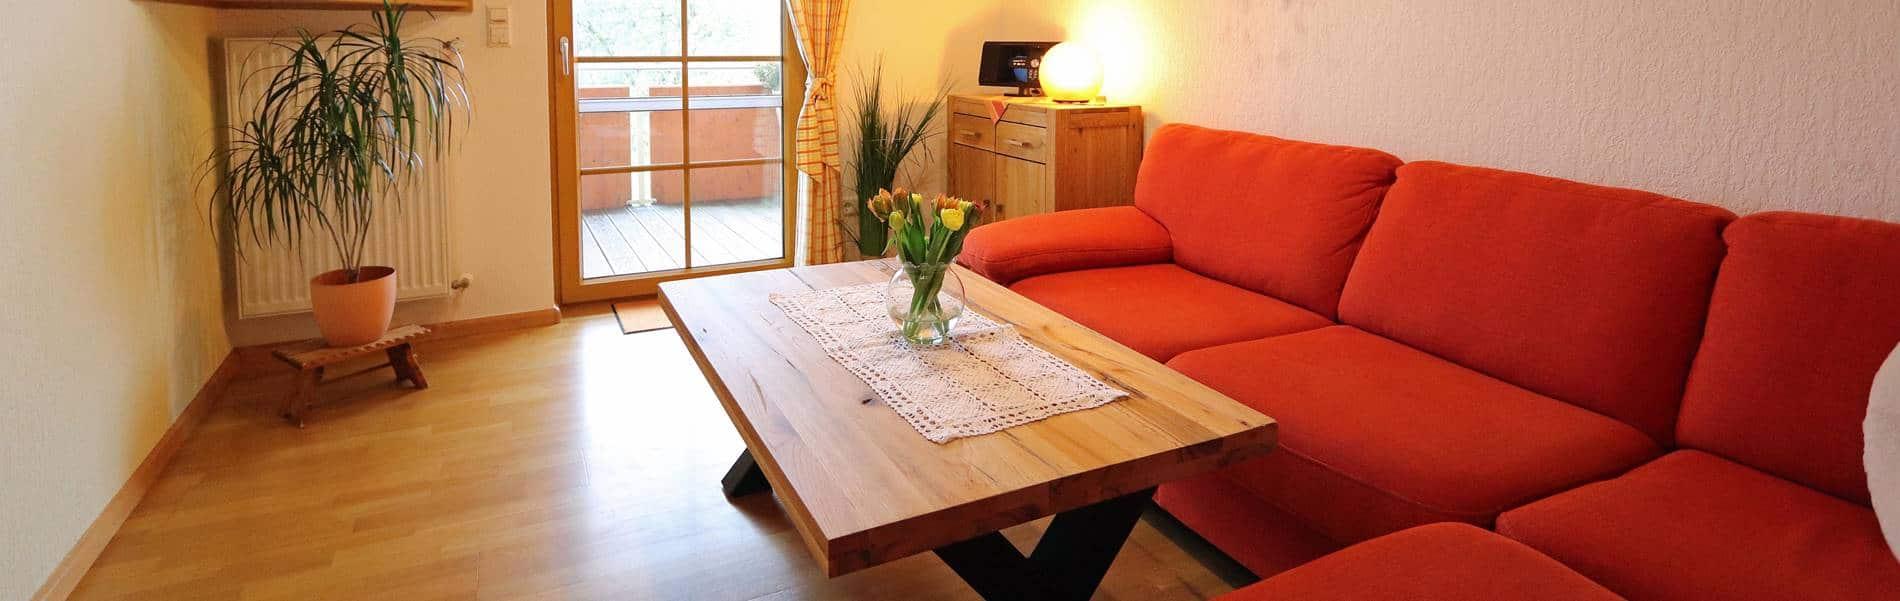 ferienwohnung-wiese-wohnzimmer